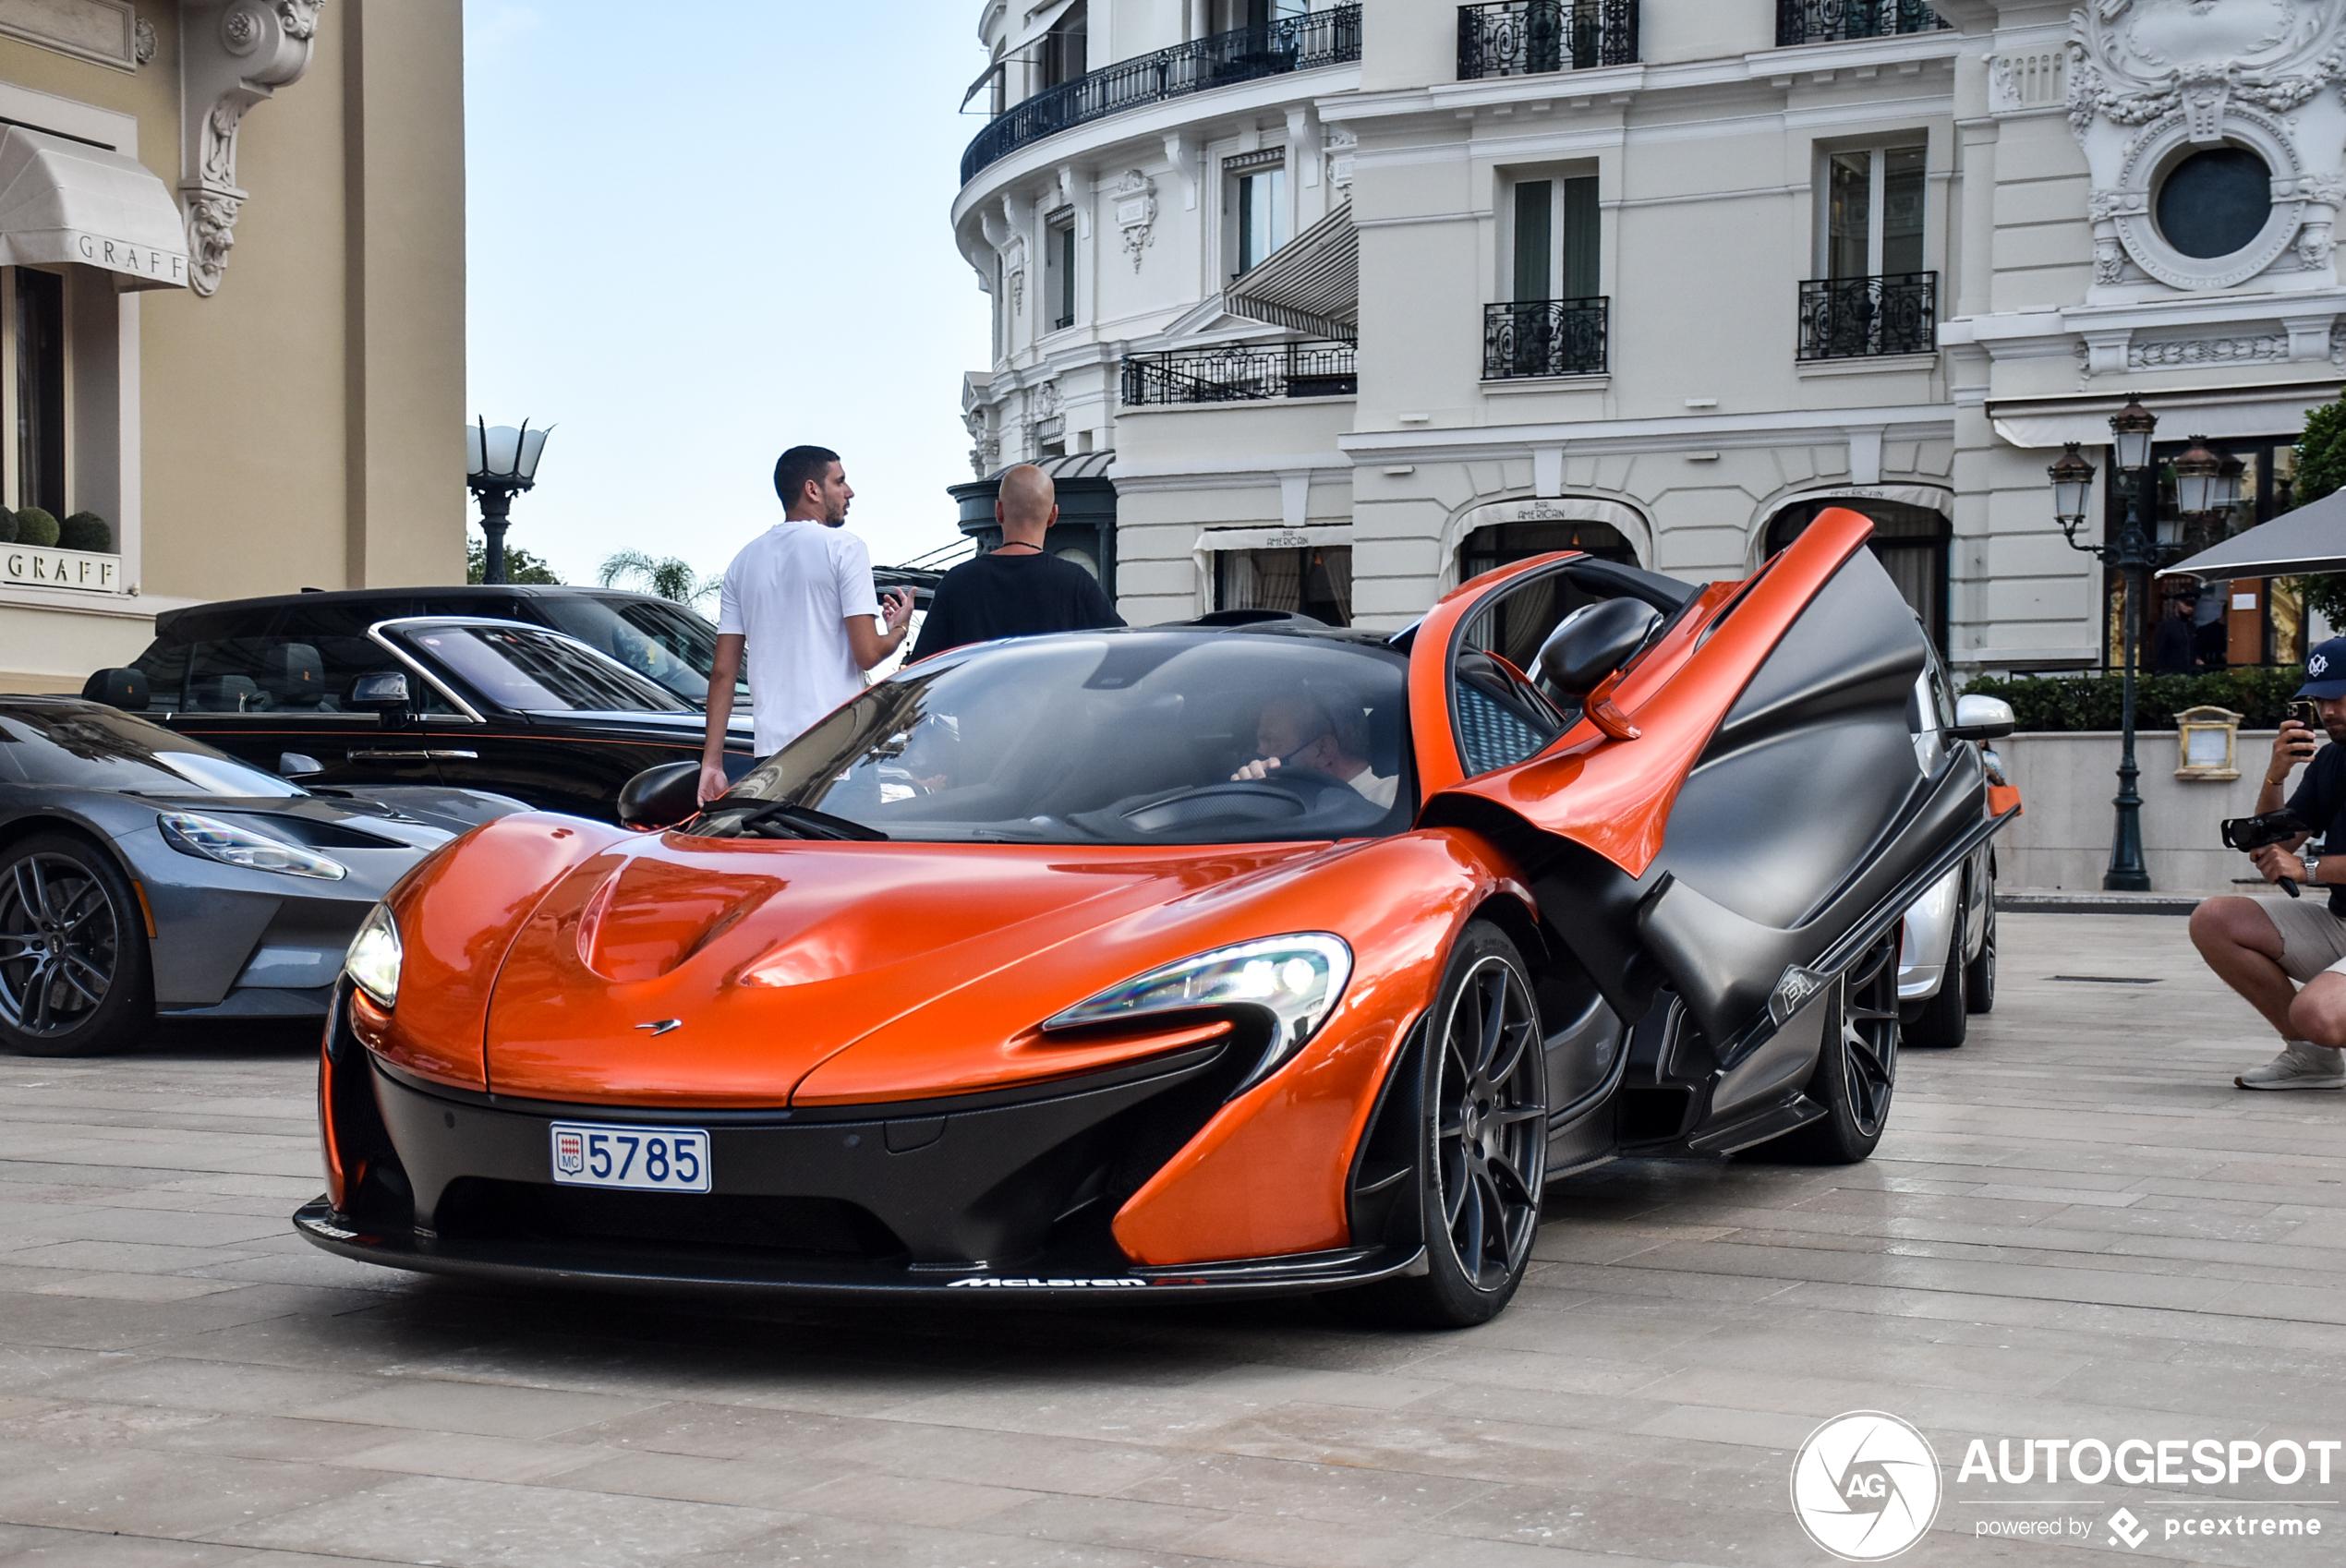 McLaren P1 is perfect samengesteld